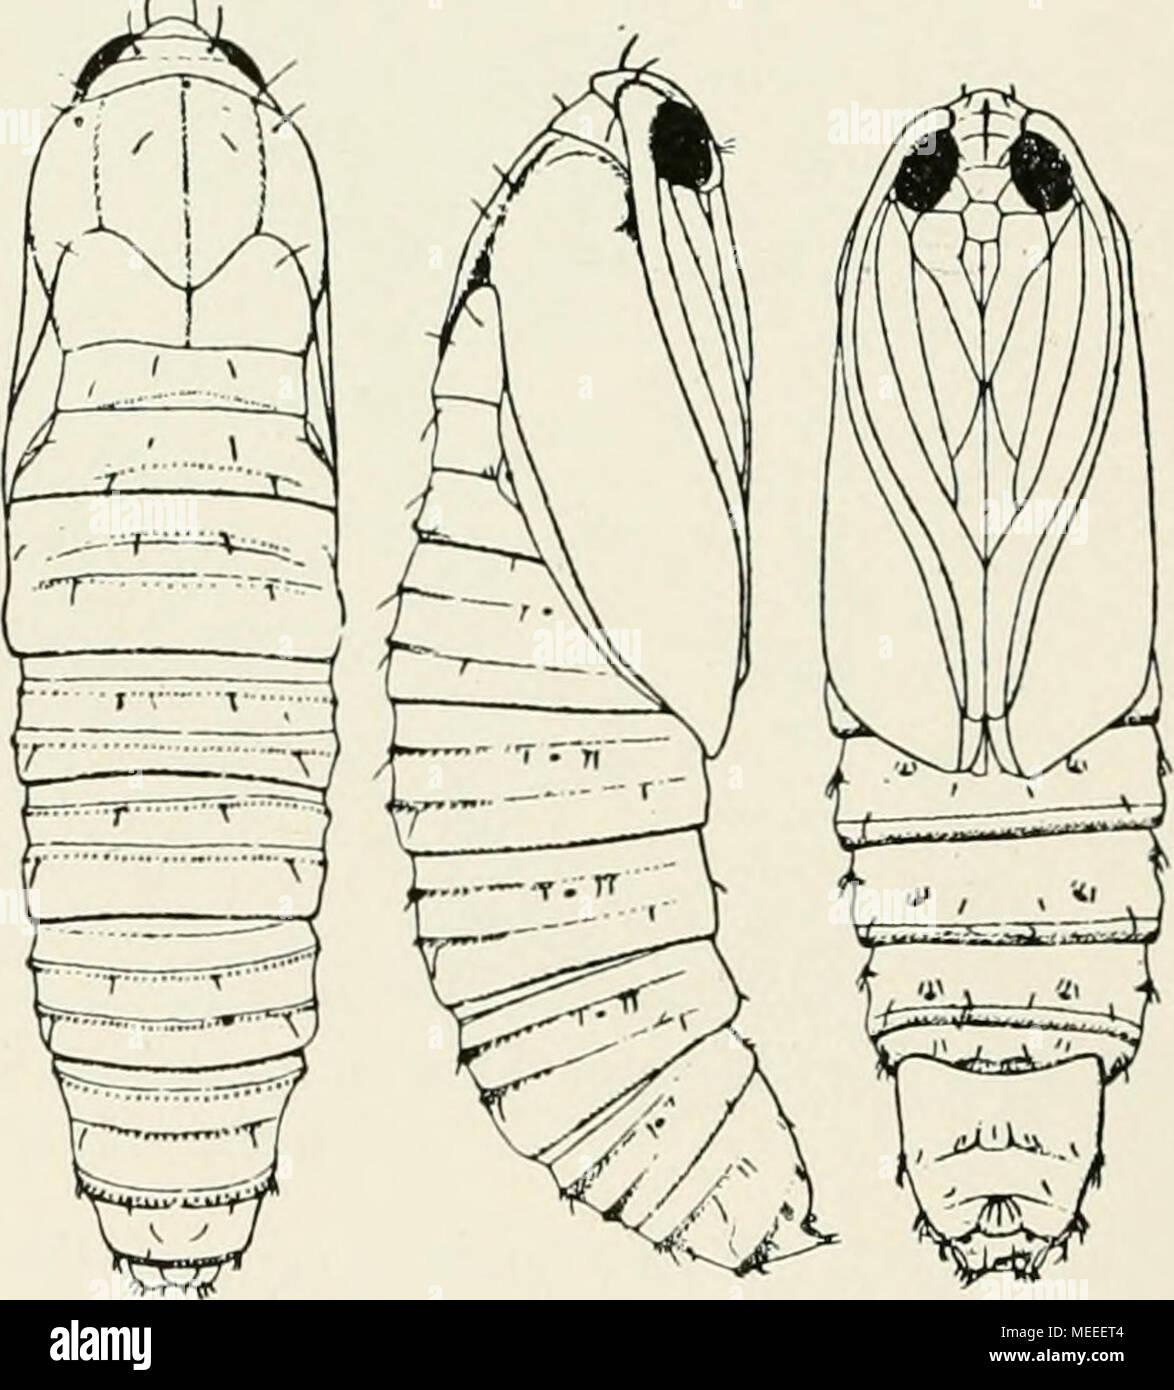 Beste Insekten Färbung Seite Bilder - Malvorlagen-Ideen ...